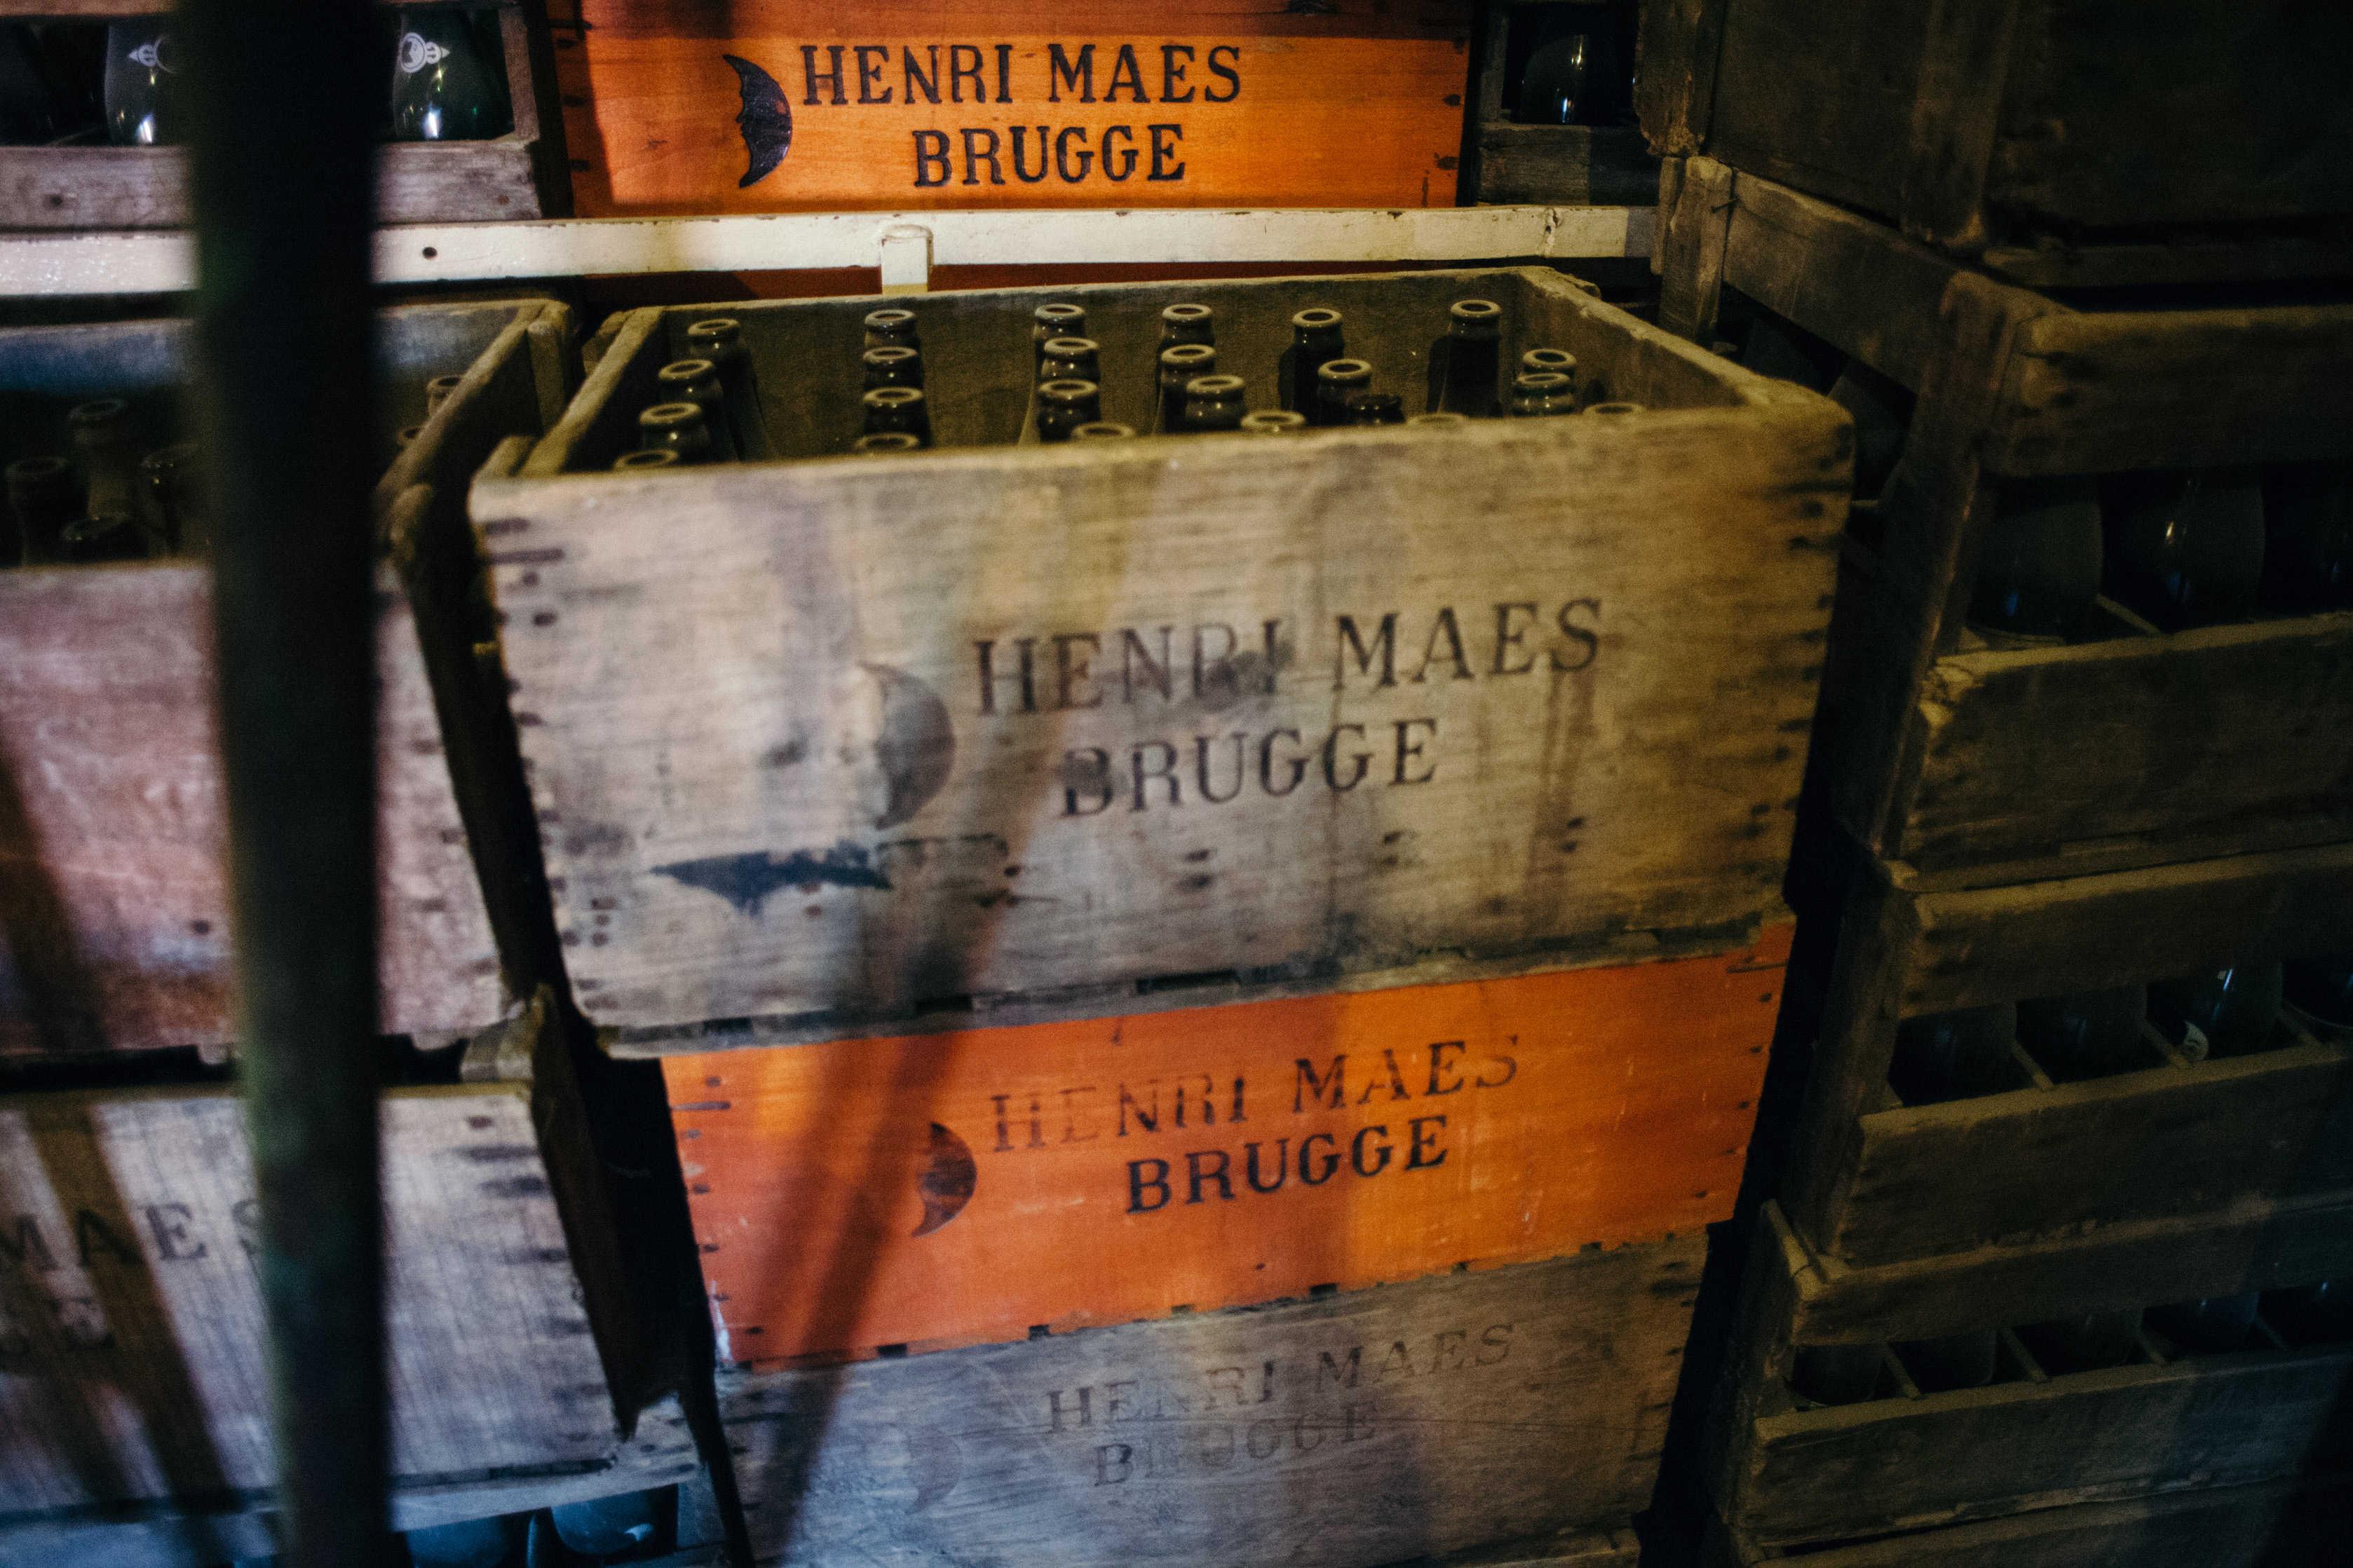 Henri Maes Brugge crates and bottles